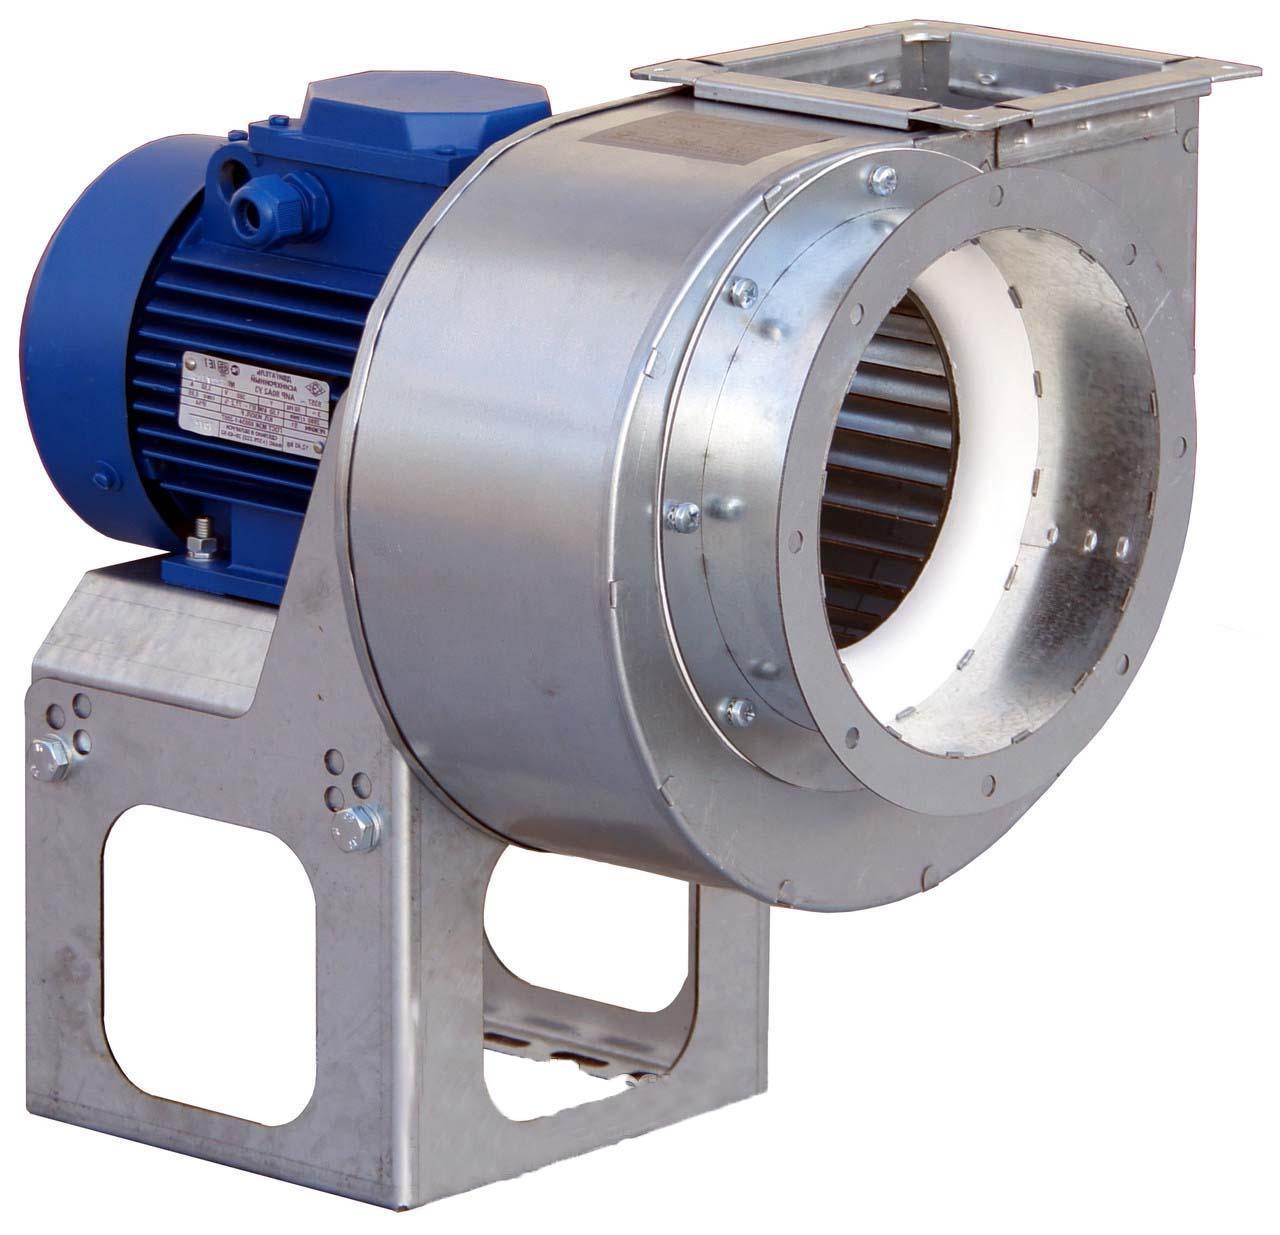 Вентилятор ВР 280-46-2,5 1,1 кВт/1500 об/мин ЛО